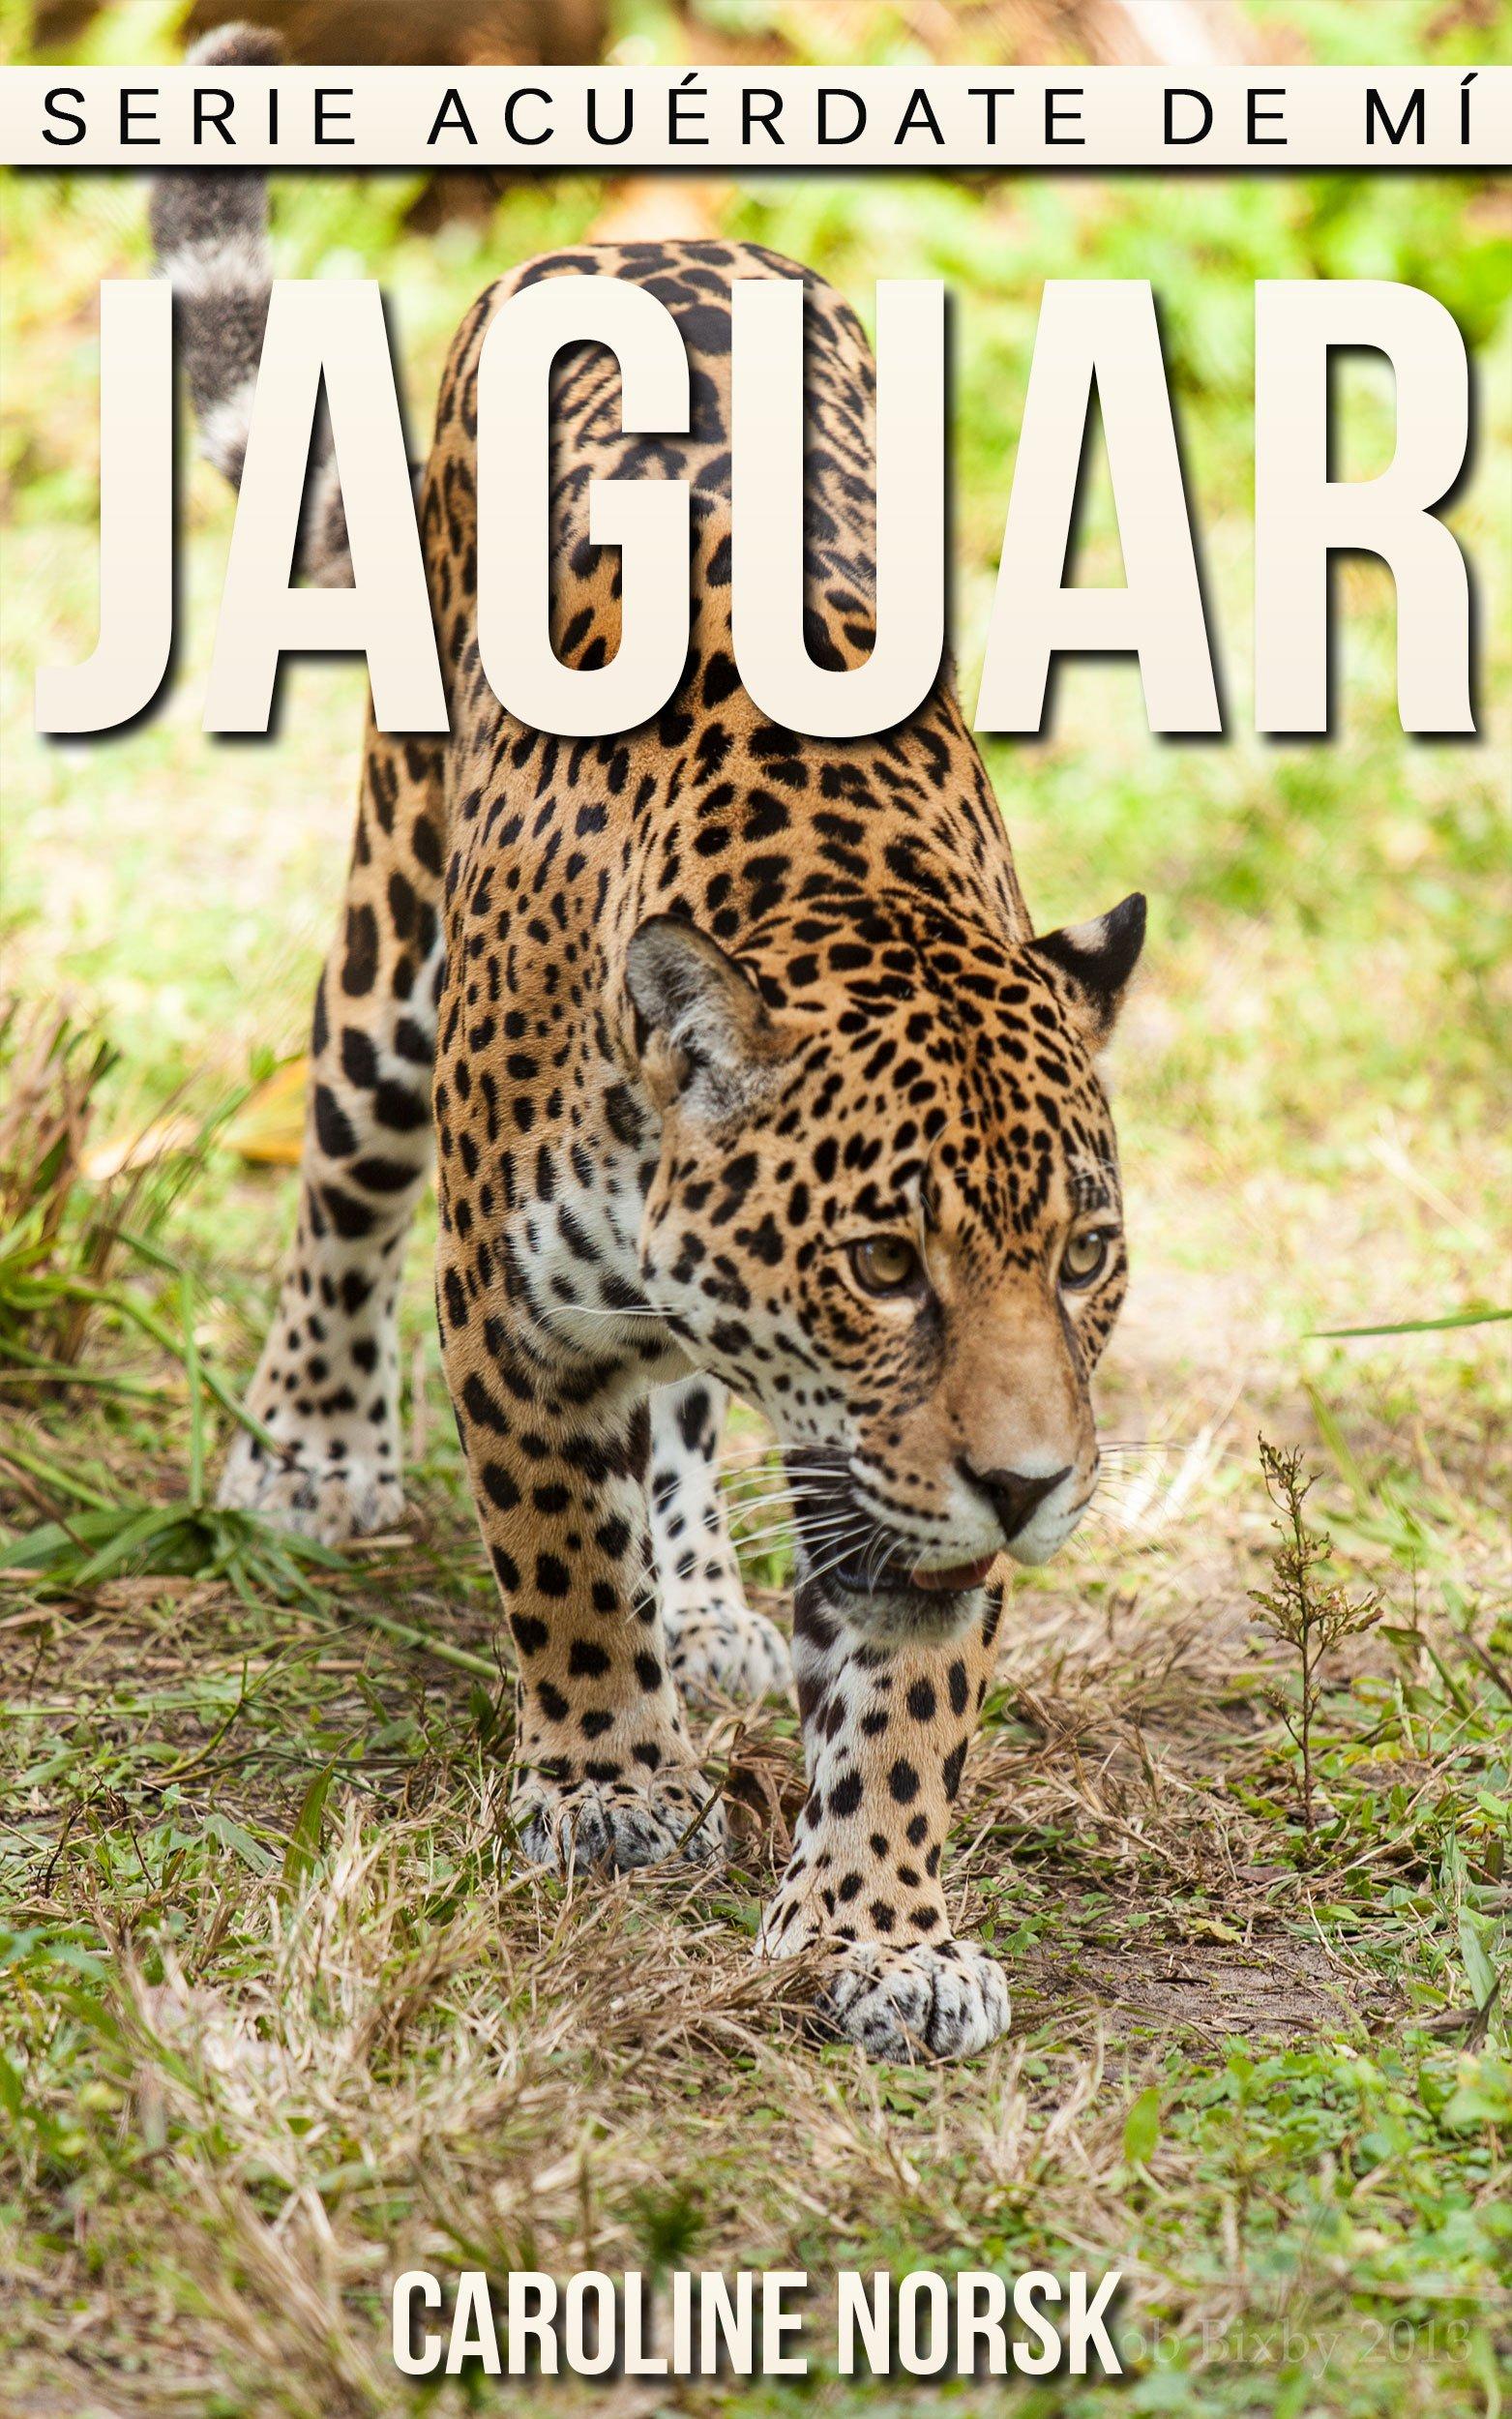 Jaguar: Libro de imágenes asombrosas y datos curiosos sobre los Jaguar para niños (Serie Acuérdate de mí)